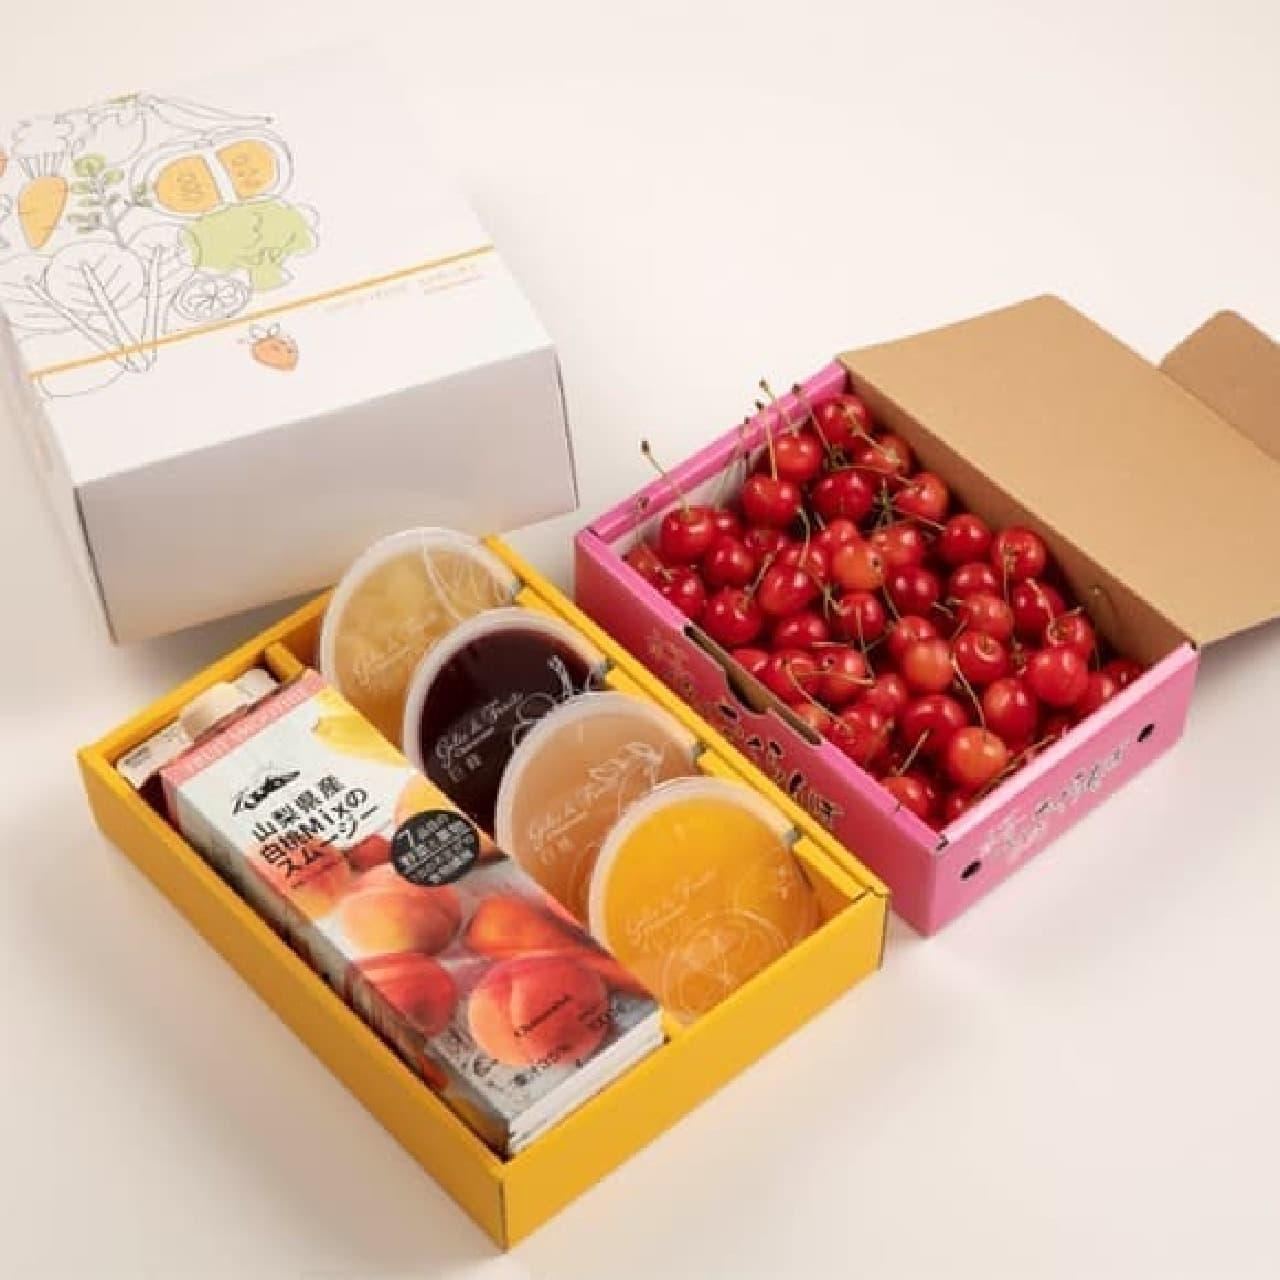 シャトレーゼ「山梨県産さくらんぼと白桃のスムージー、フルーツのジュレ詰合せ」